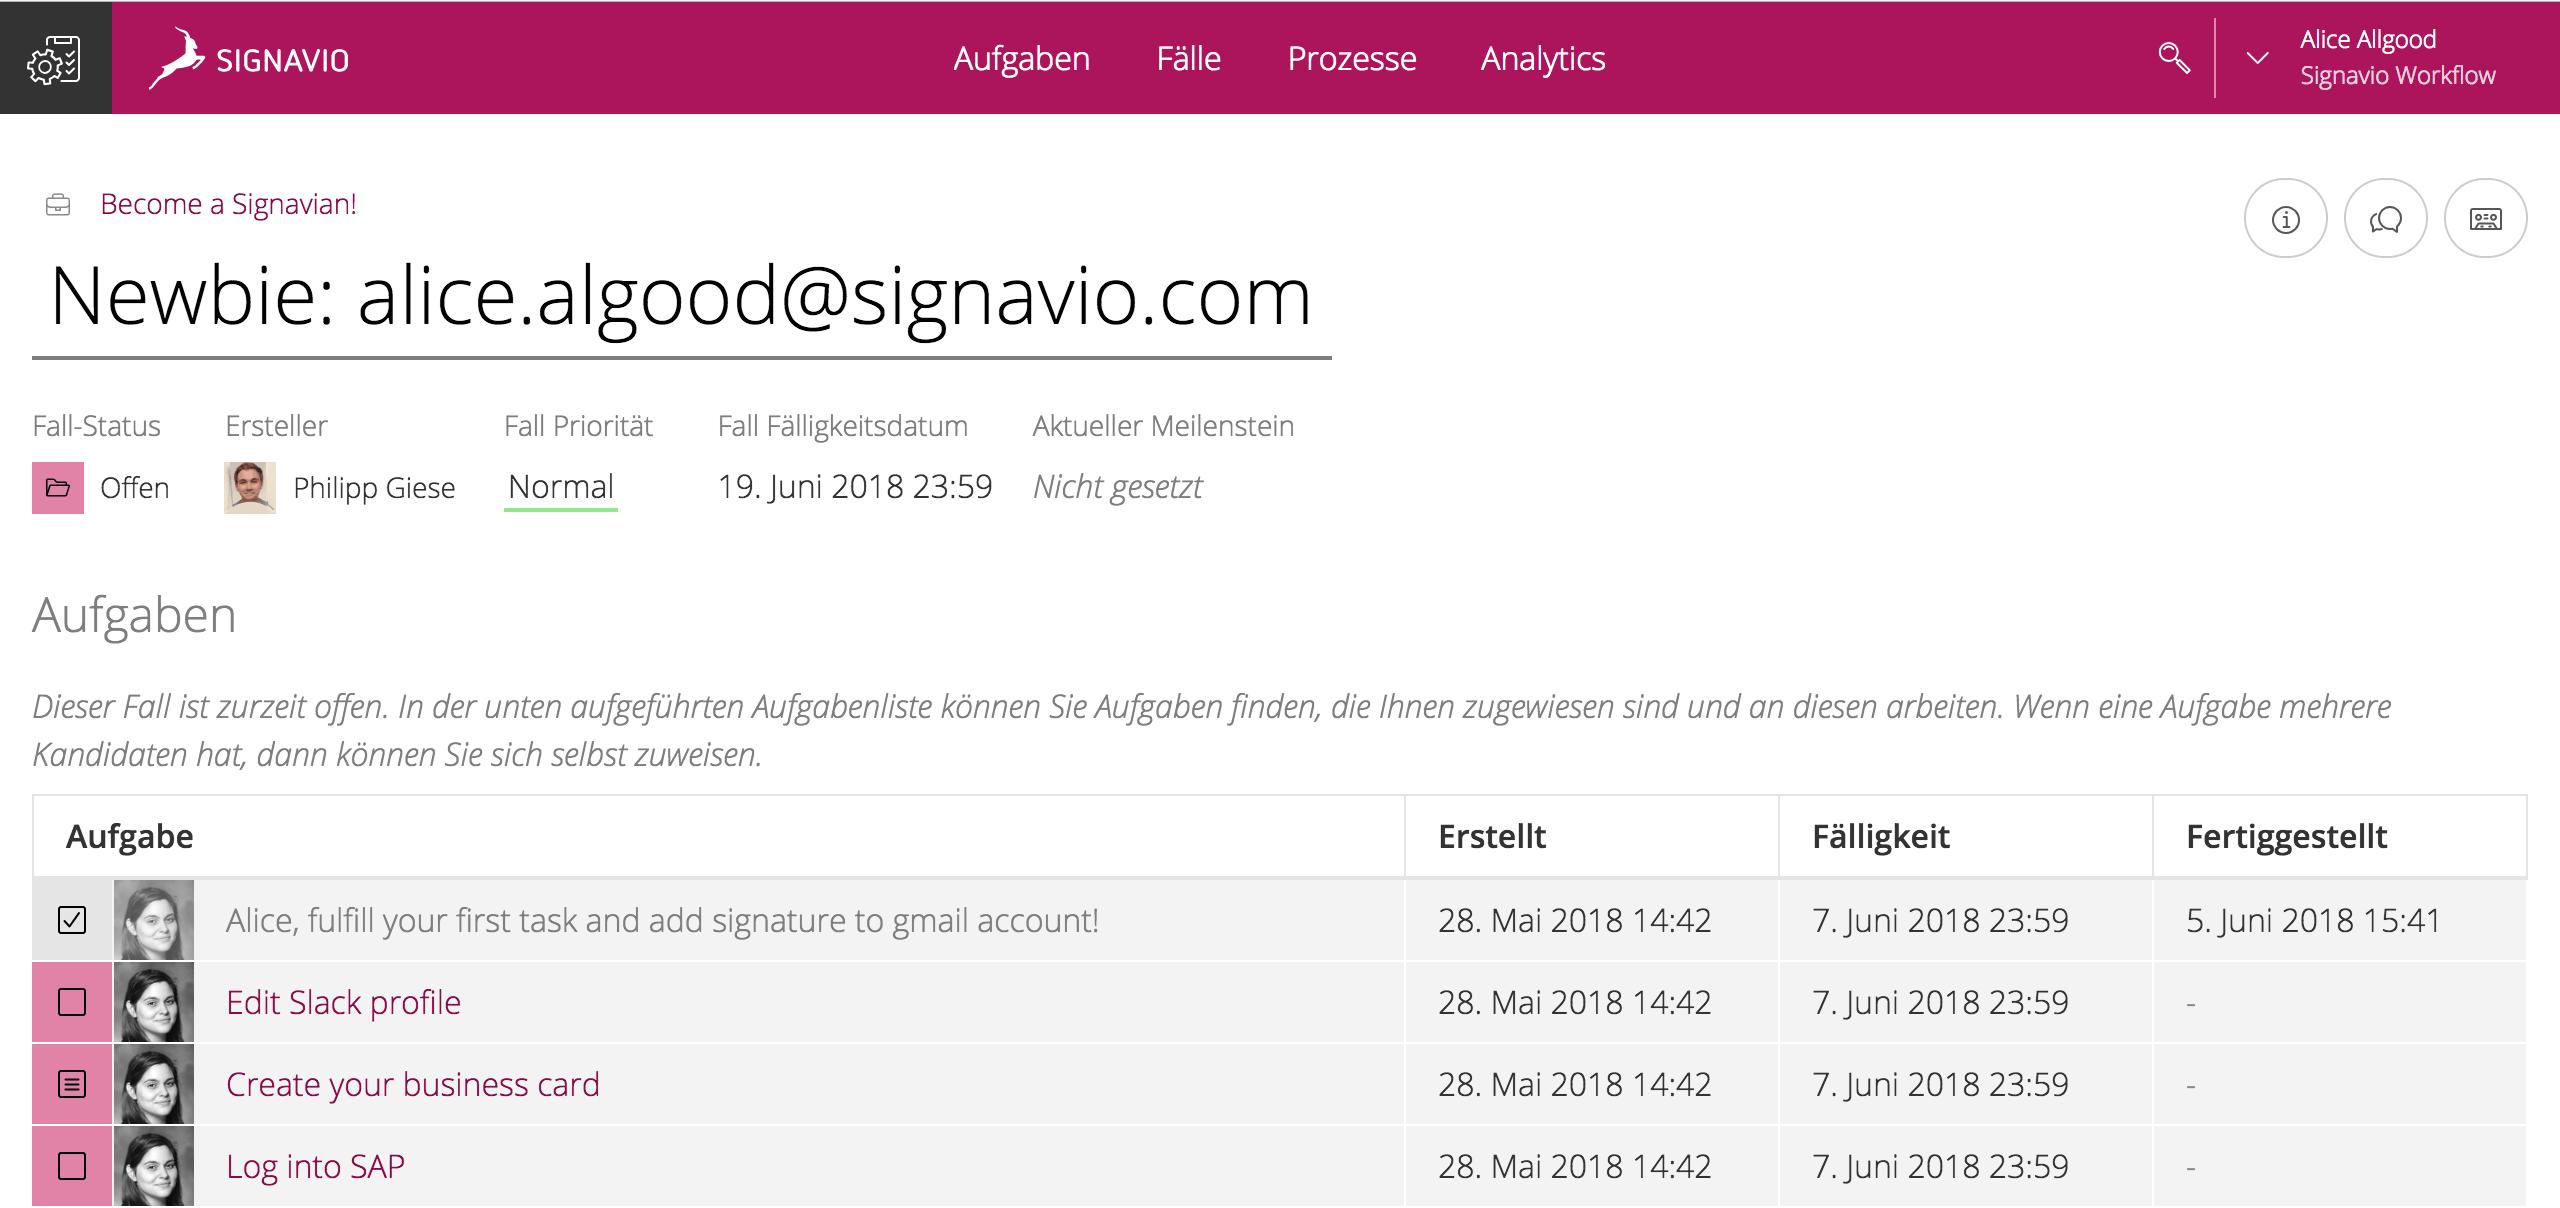 """Signavio-Workflow """"Become a Signavian"""": Erste Aufgaben für neue Teammitglieder"""